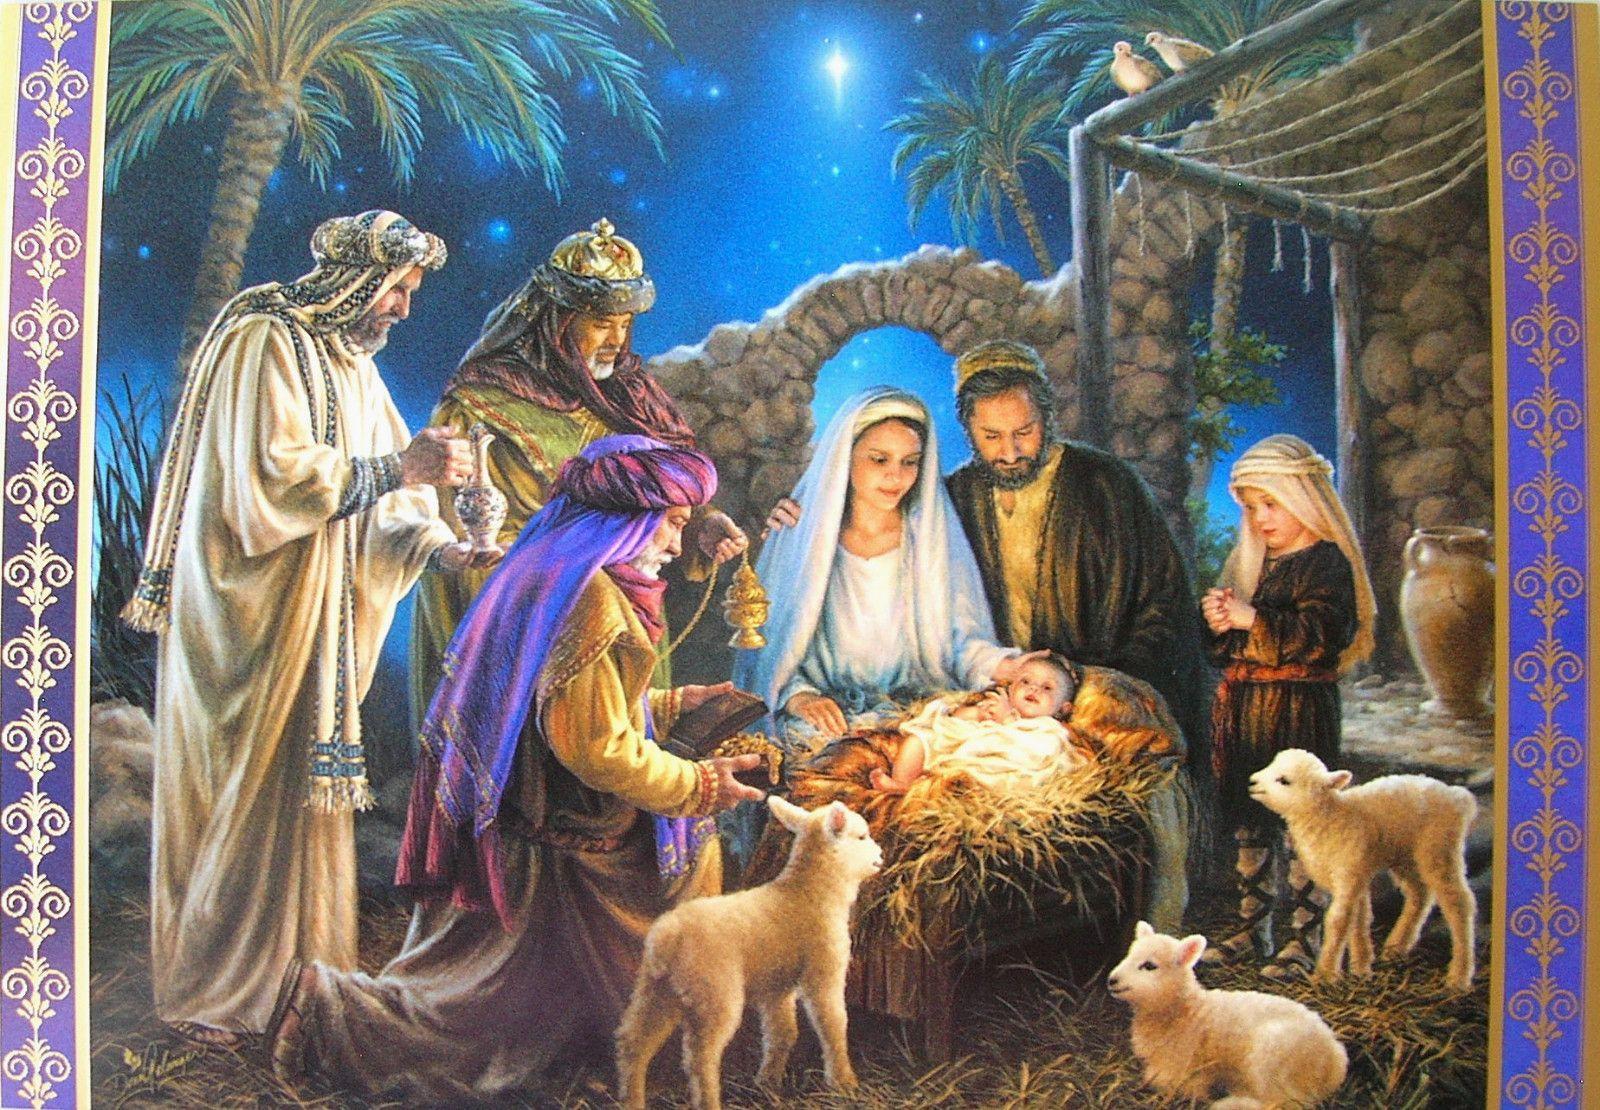 Leanin\' Tree Dona Gelsinger Inspirational Nativity Scene Christmas ...